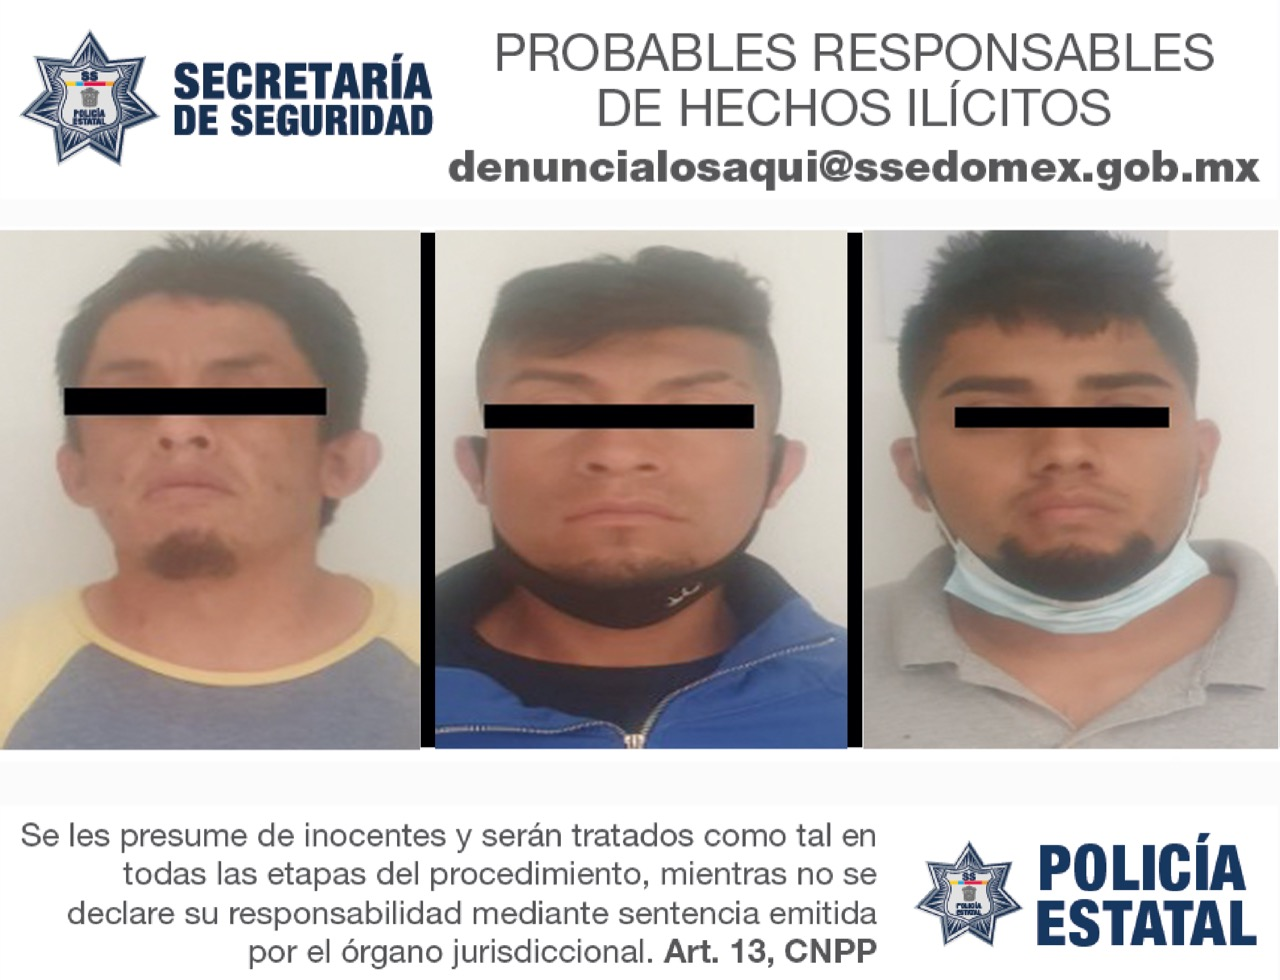 CAEN TRES PRESUNTOS RESPONSABLES DE ROBO CON VIOLENCIA A TRANSPORTE DE CARGA